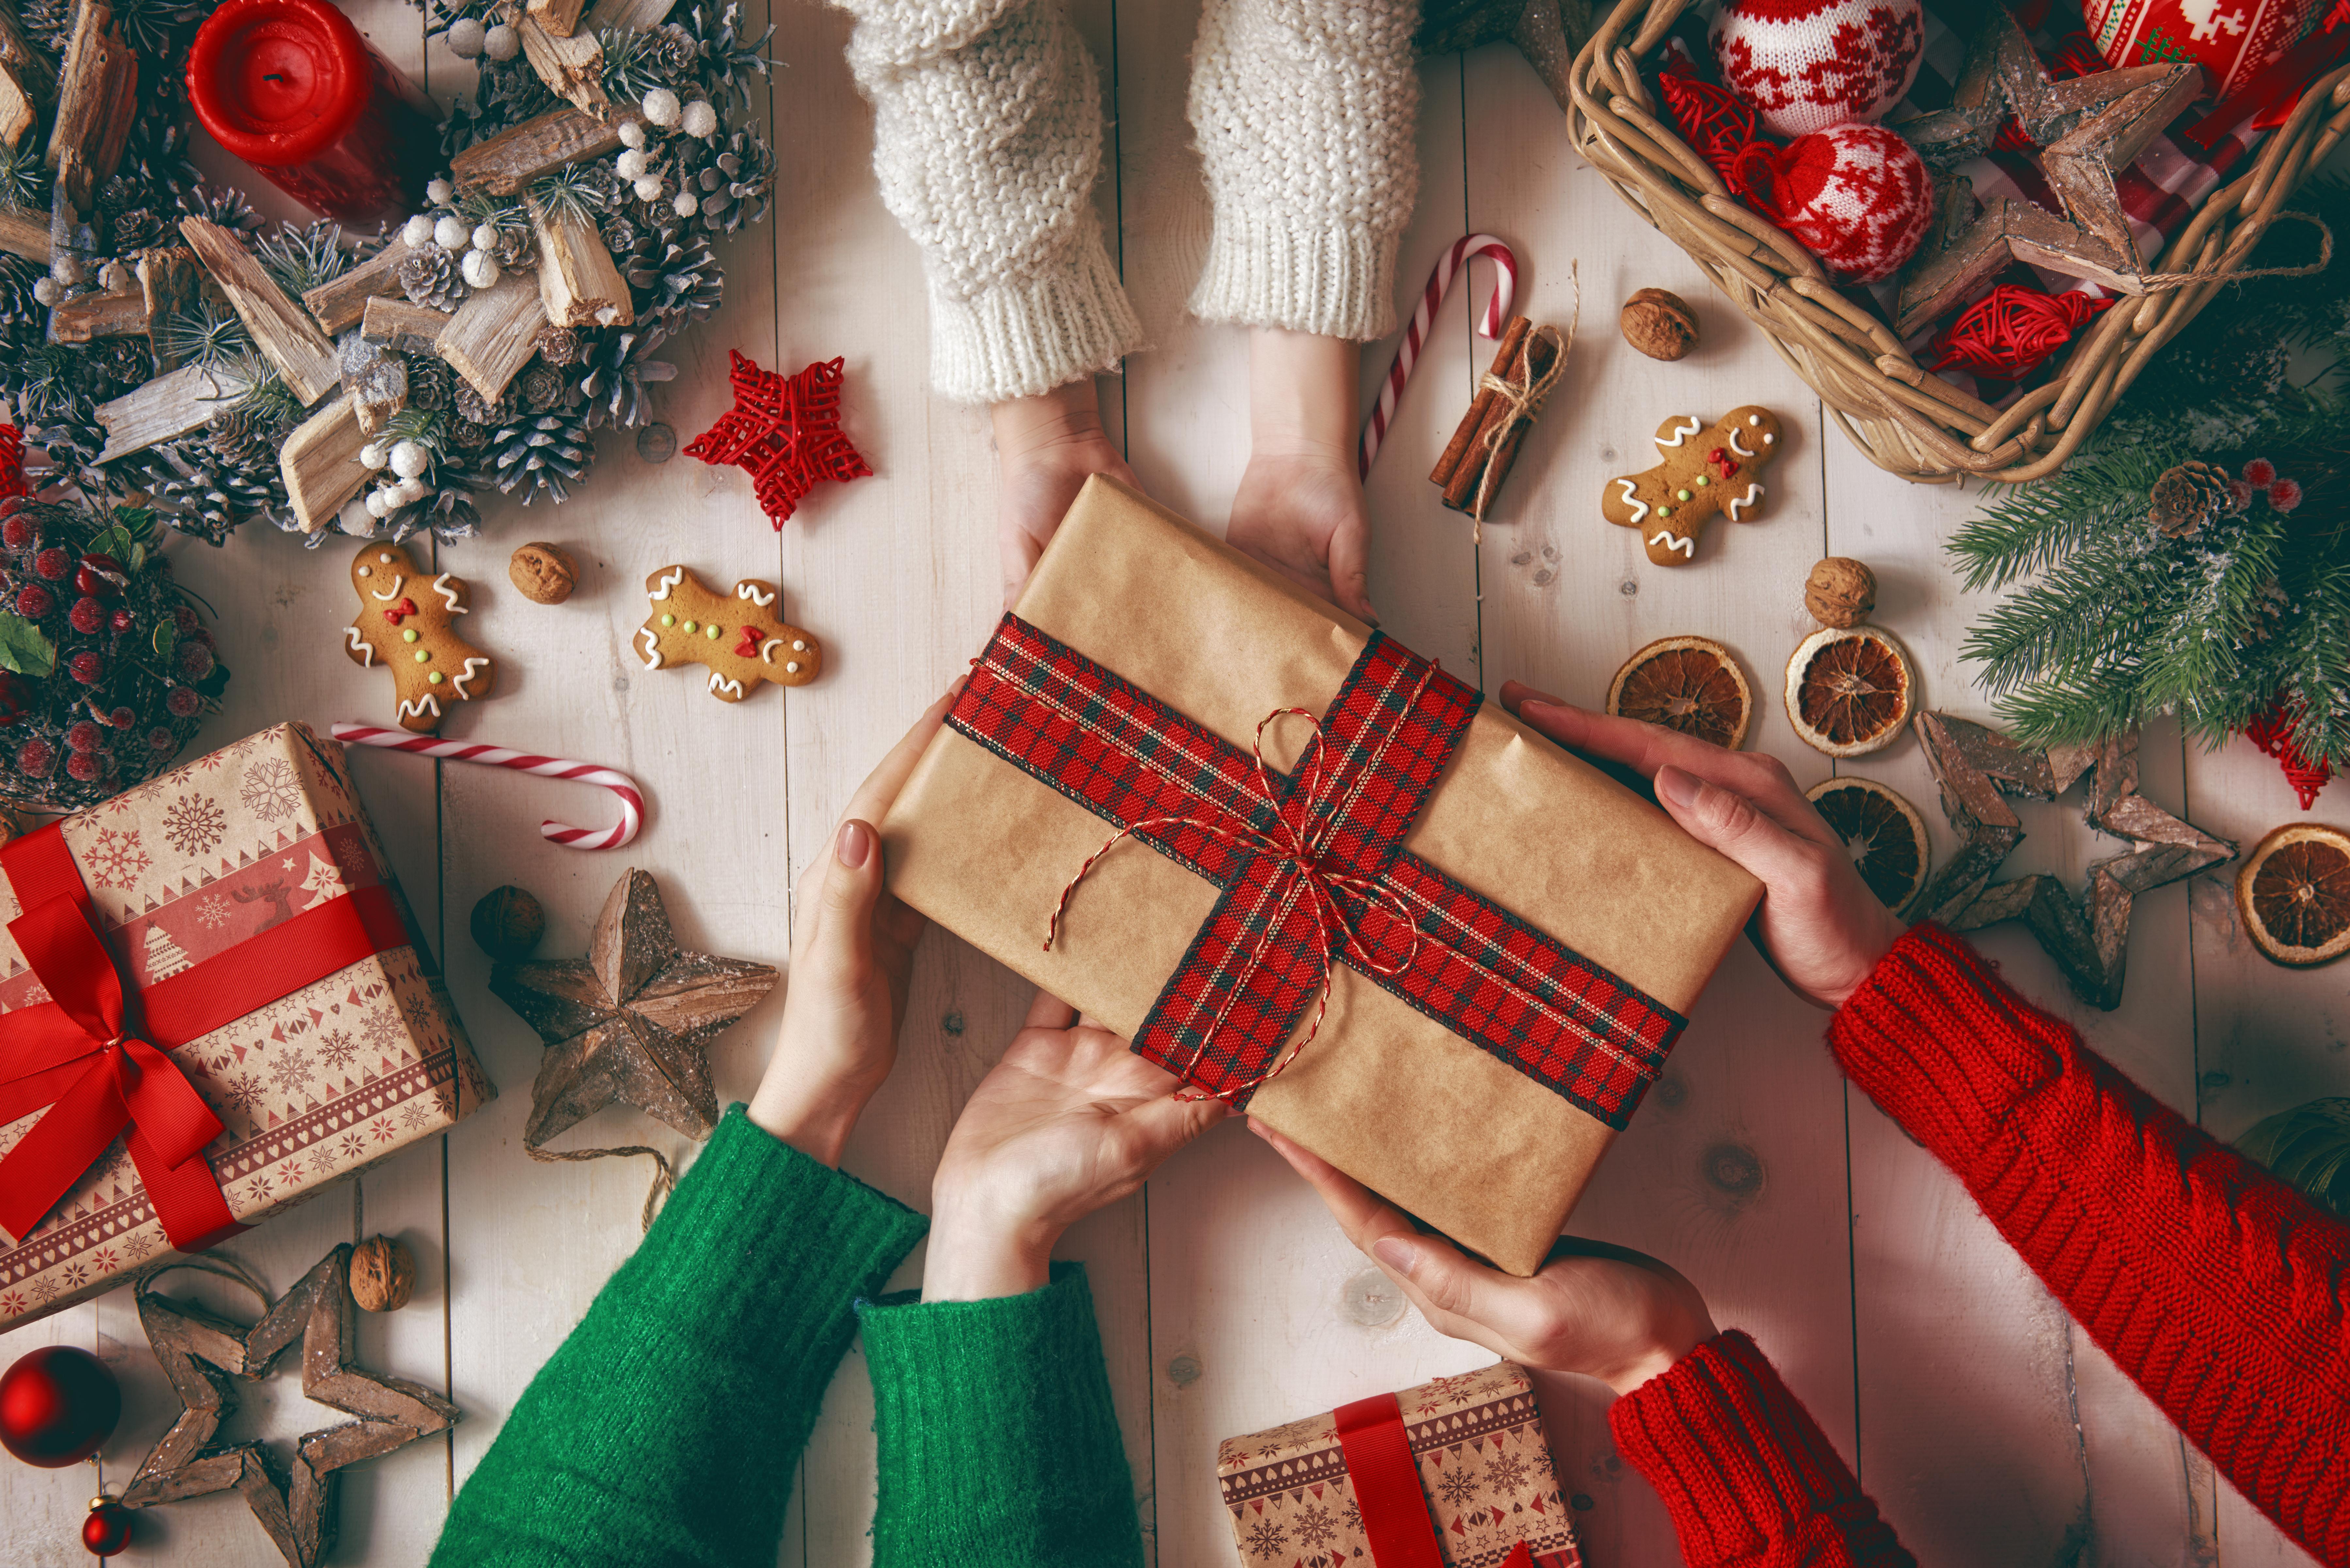 Hintergrundbilder Neujahr Stern-Dekoration Zimt Geschenke Hand Kekse Kerzen